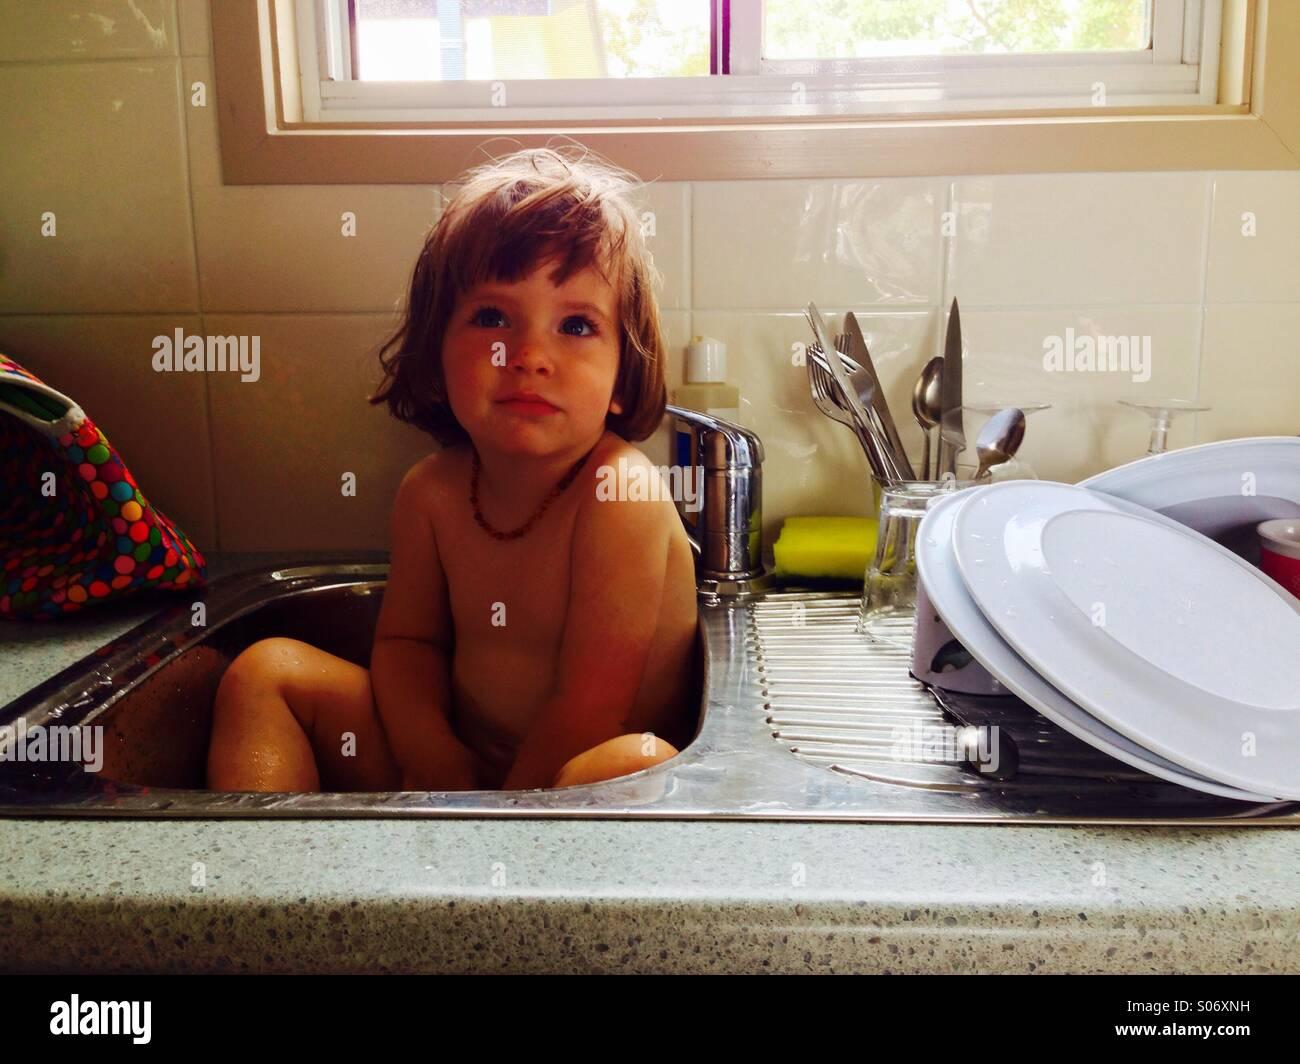 L'heure du bain dans l'évier de cuisine Photo Stock